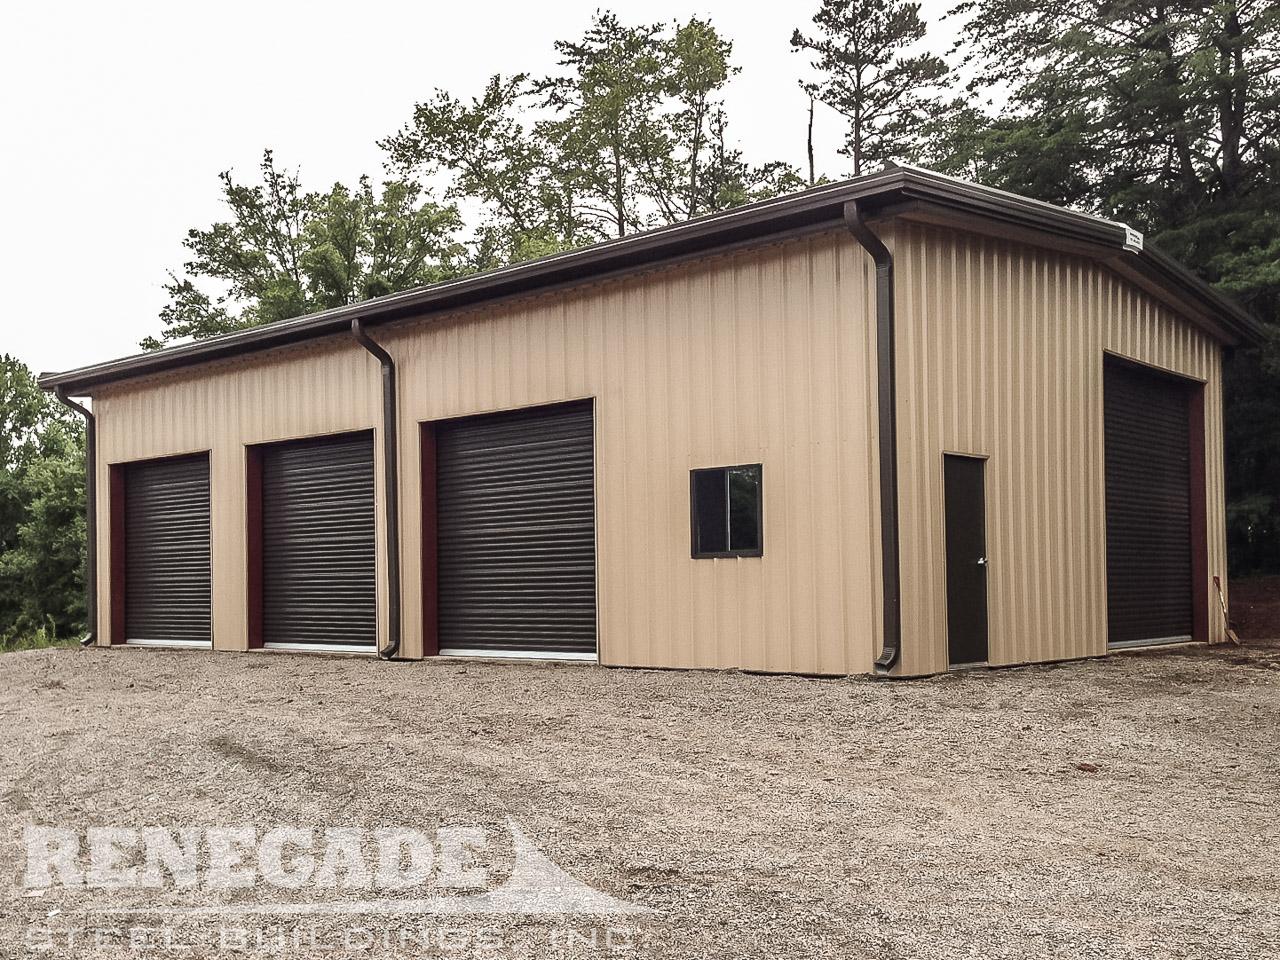 tan steel metal building with brown bronze trim, brown bronze rollup doors, brown gutters and downspouts, walk door and window